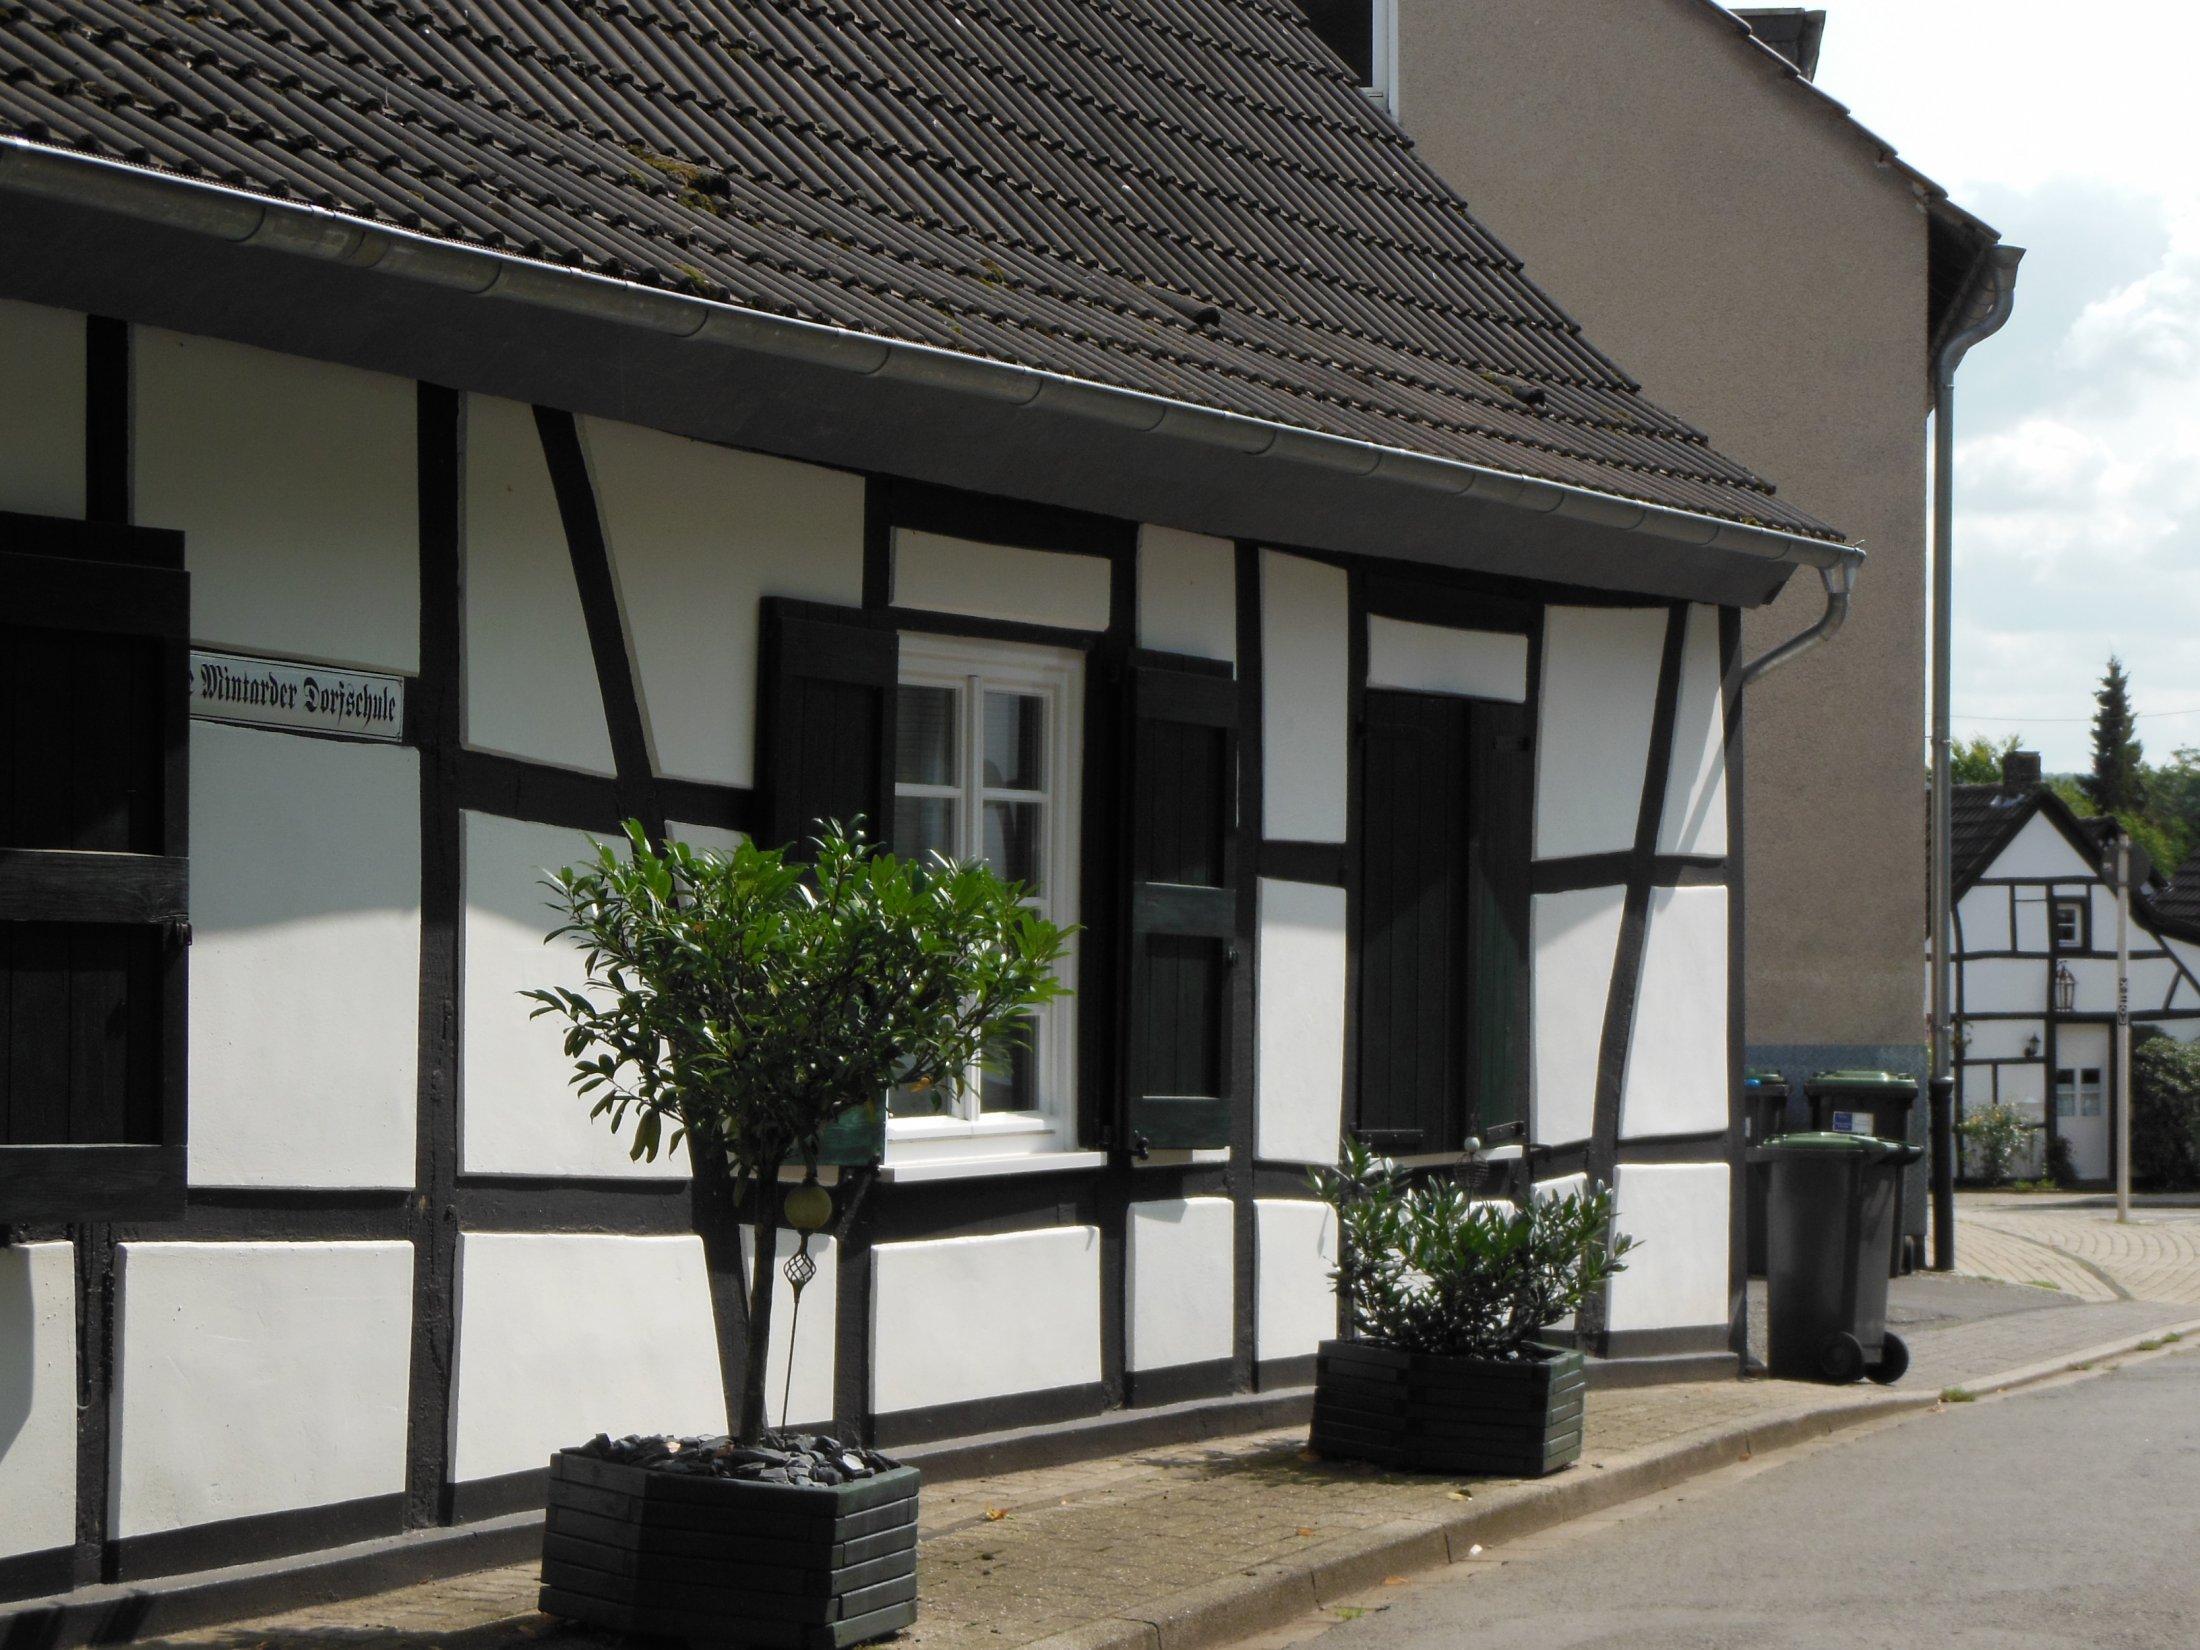 Kettwig